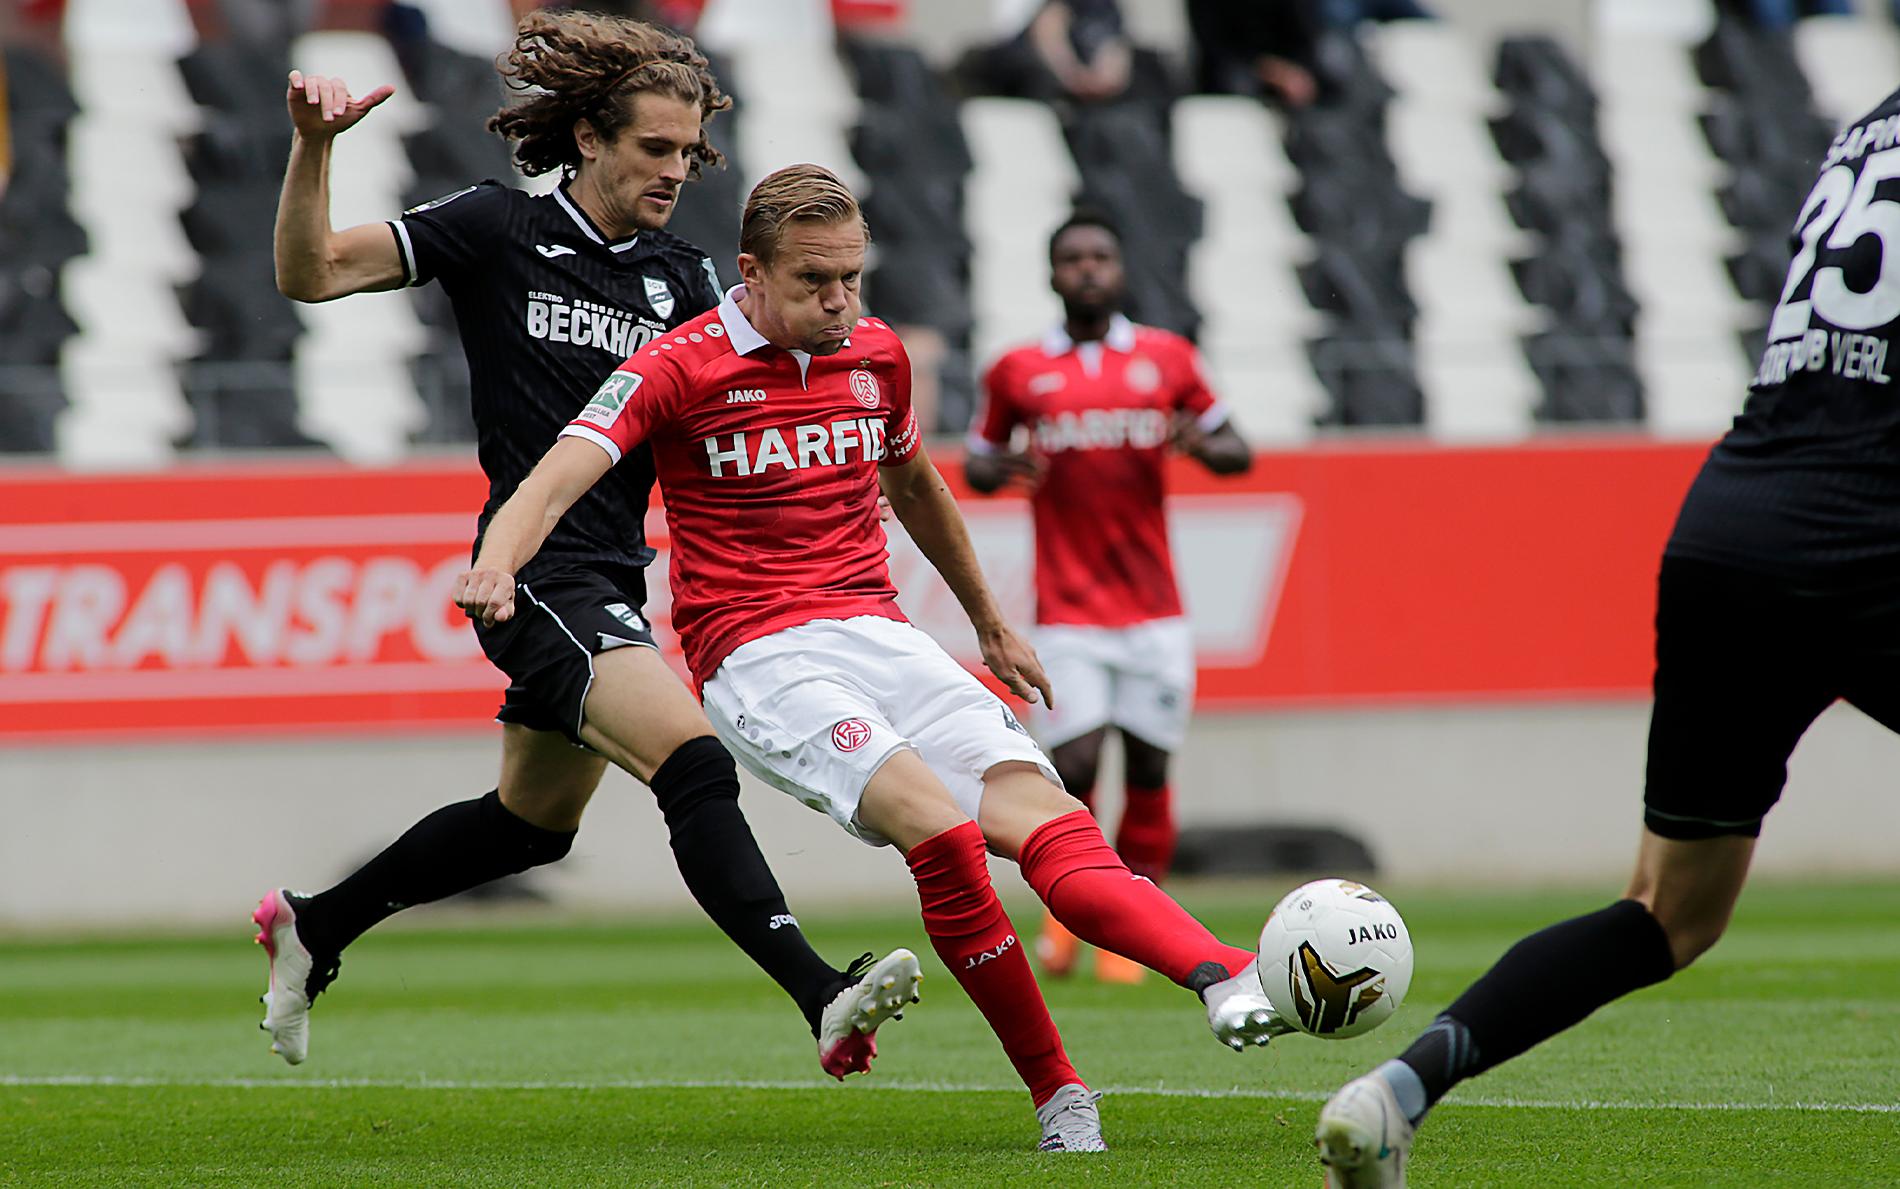 Ein umkämpftes Spiel findet keinen Sieger: RWE und der SC Verl trennen sich mit 4:4. (Foto: Endberg)